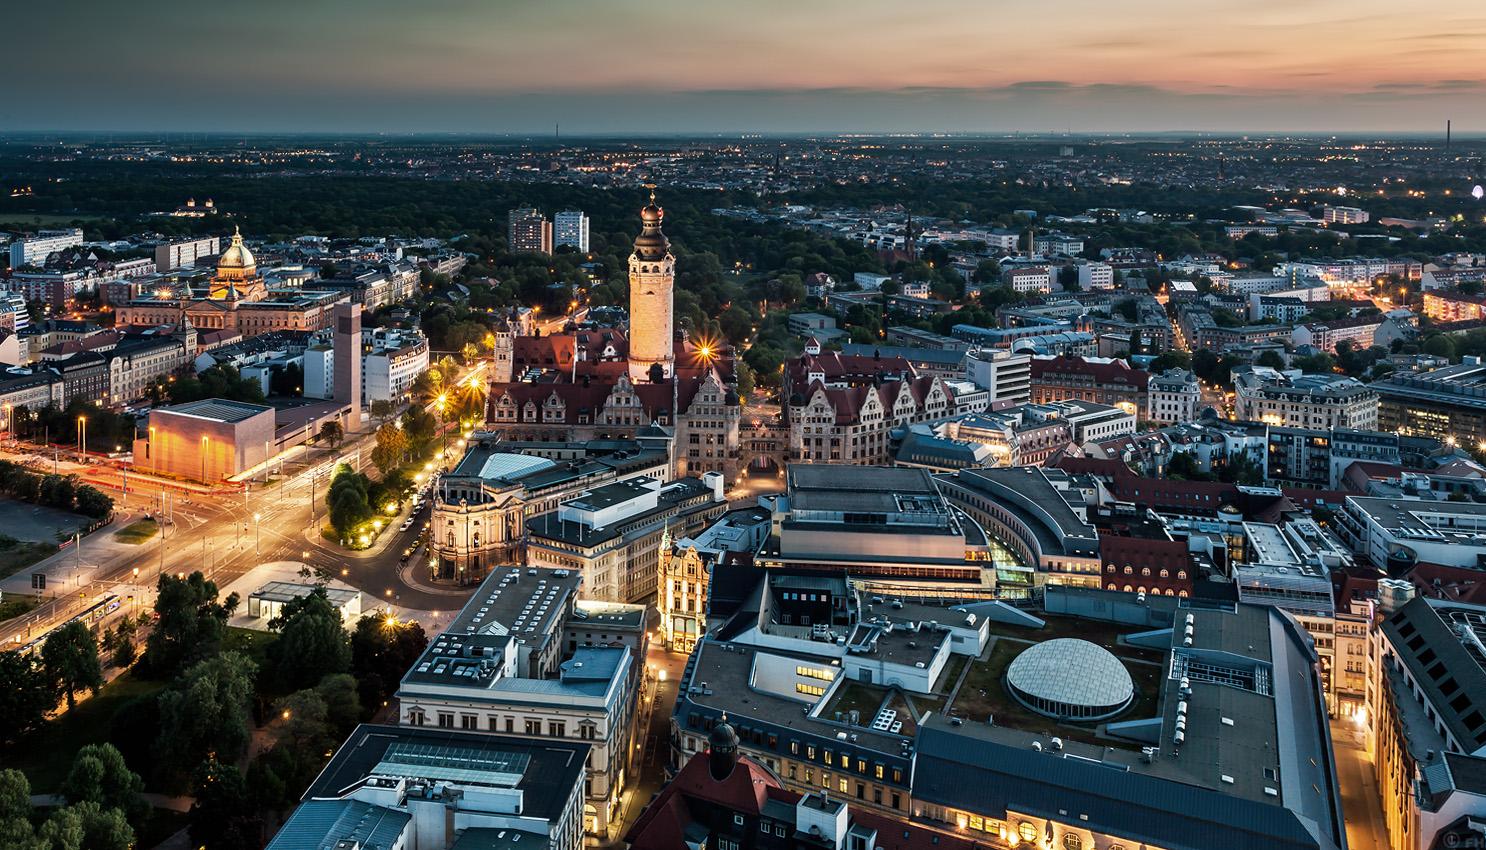 fhmedien.de | Leipzig, von oben, Innenstadt, Bahnhof